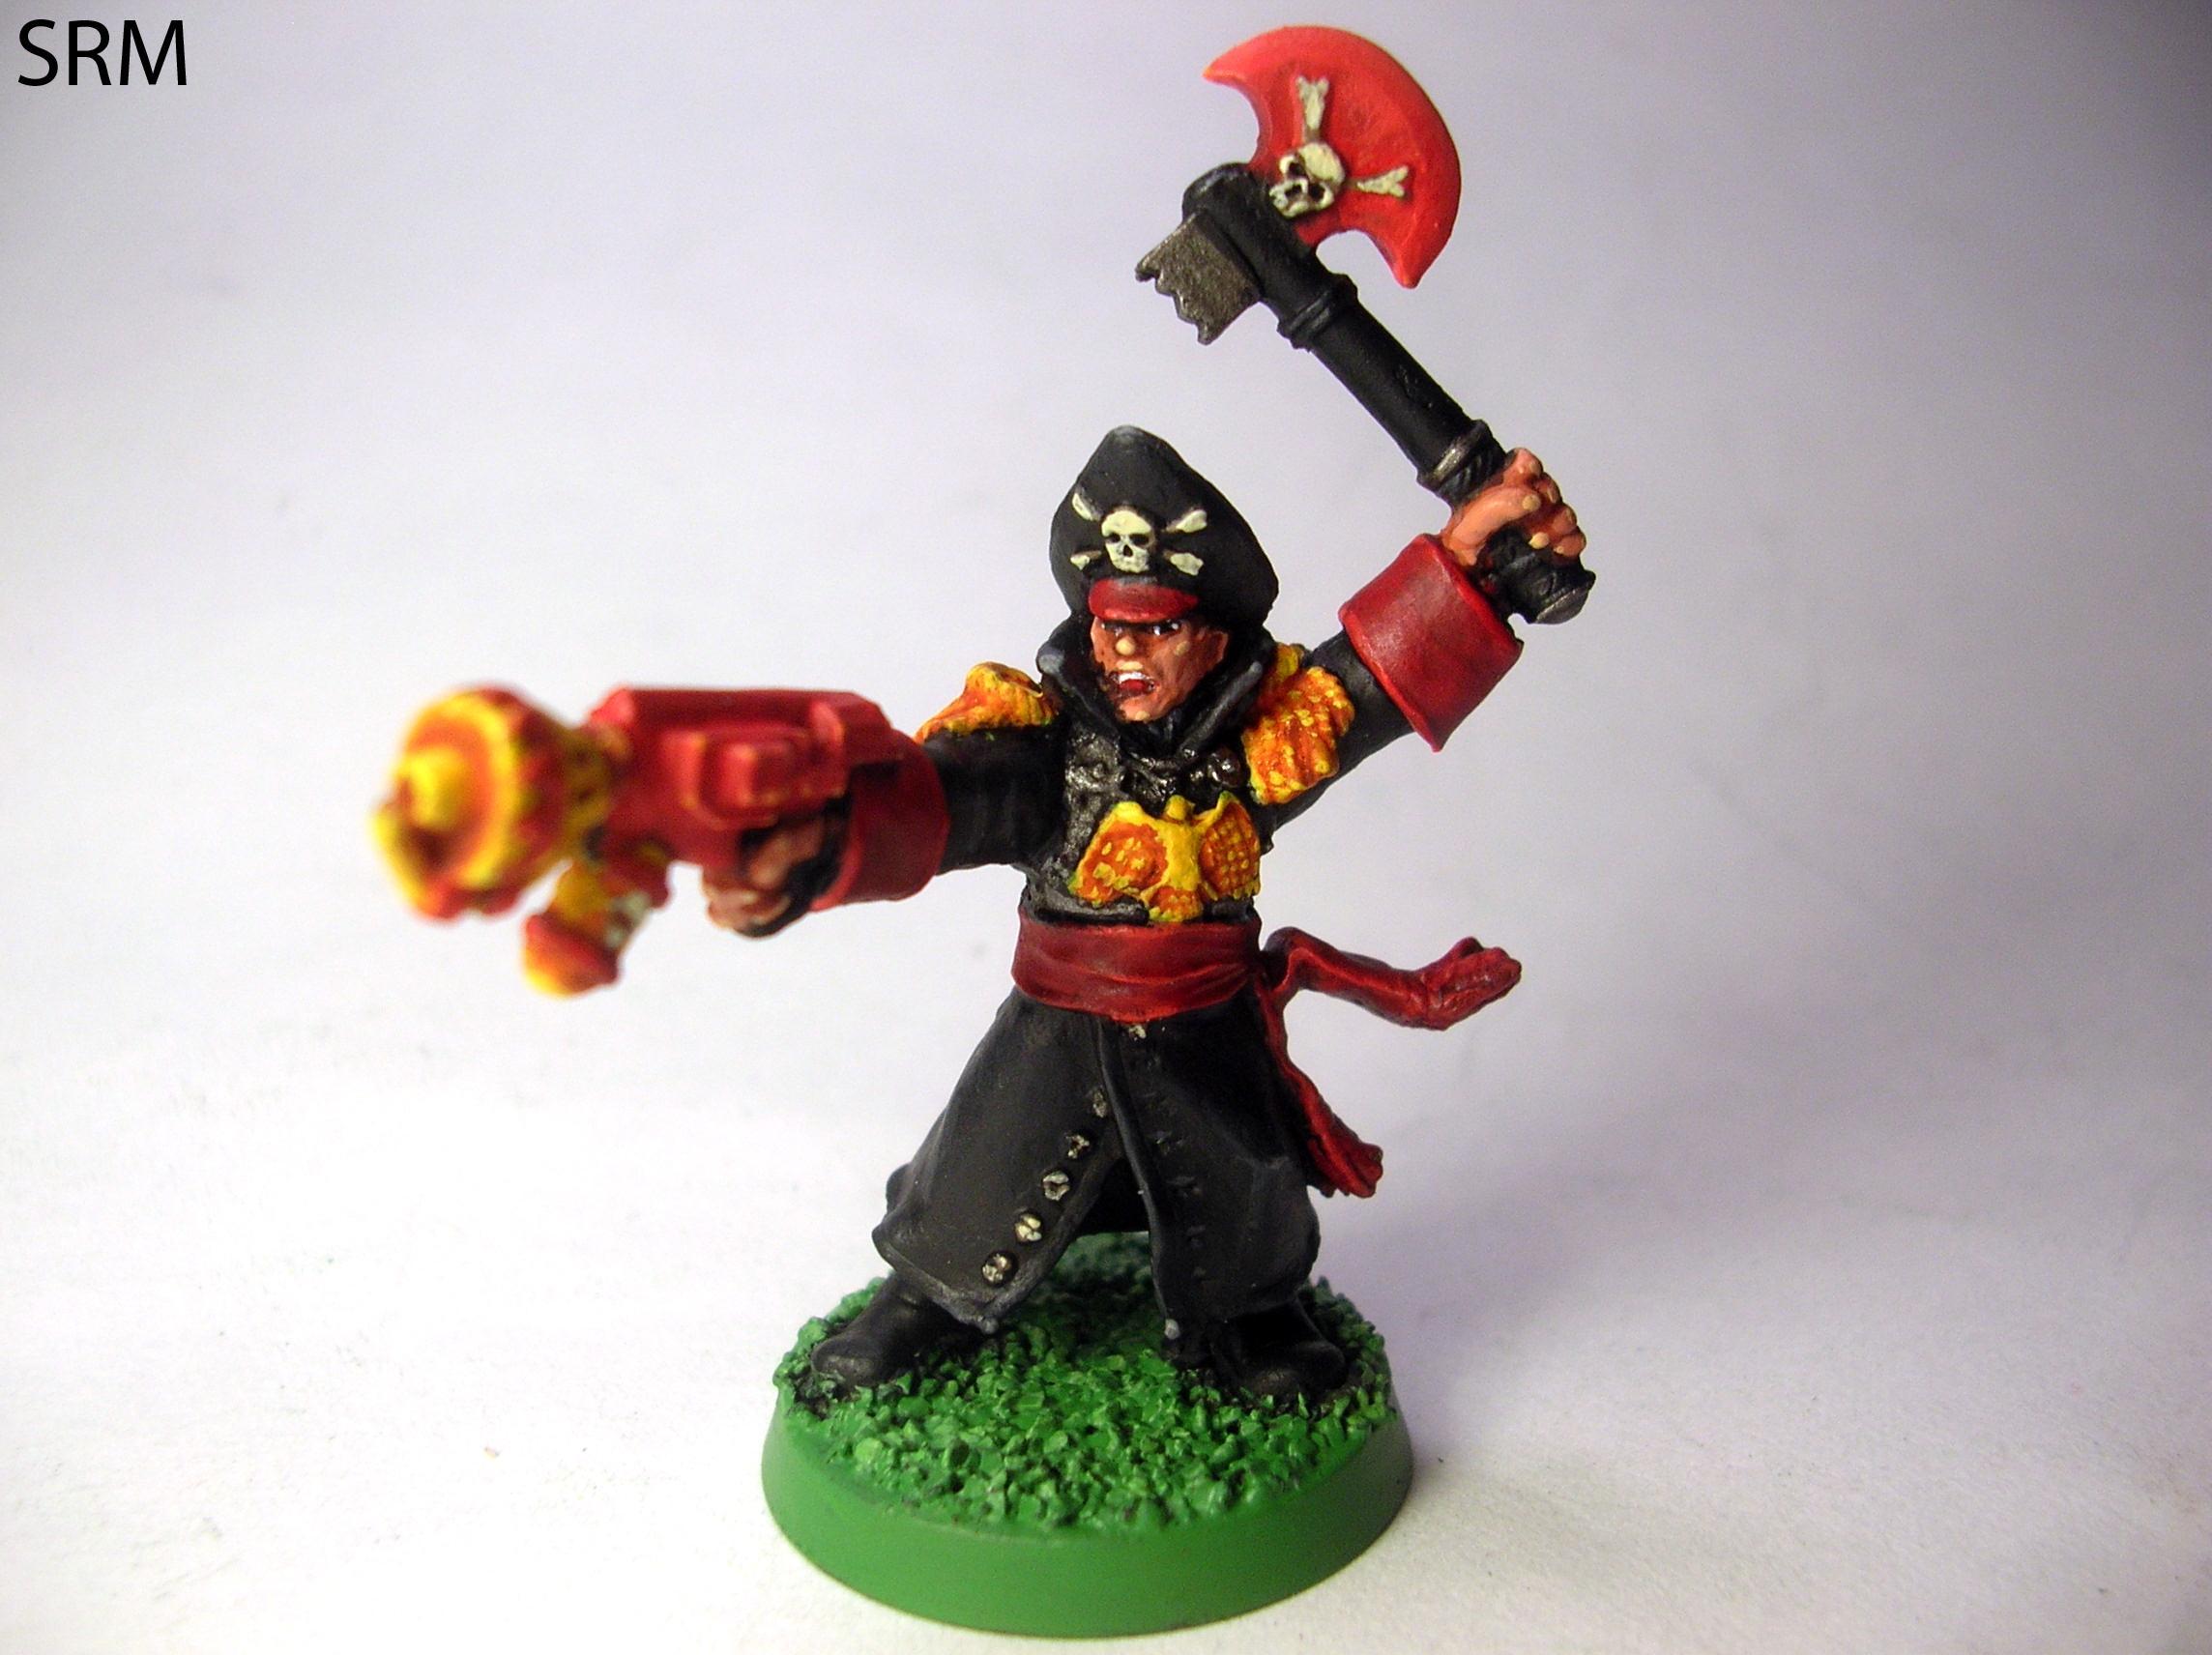 Commissar, Retro